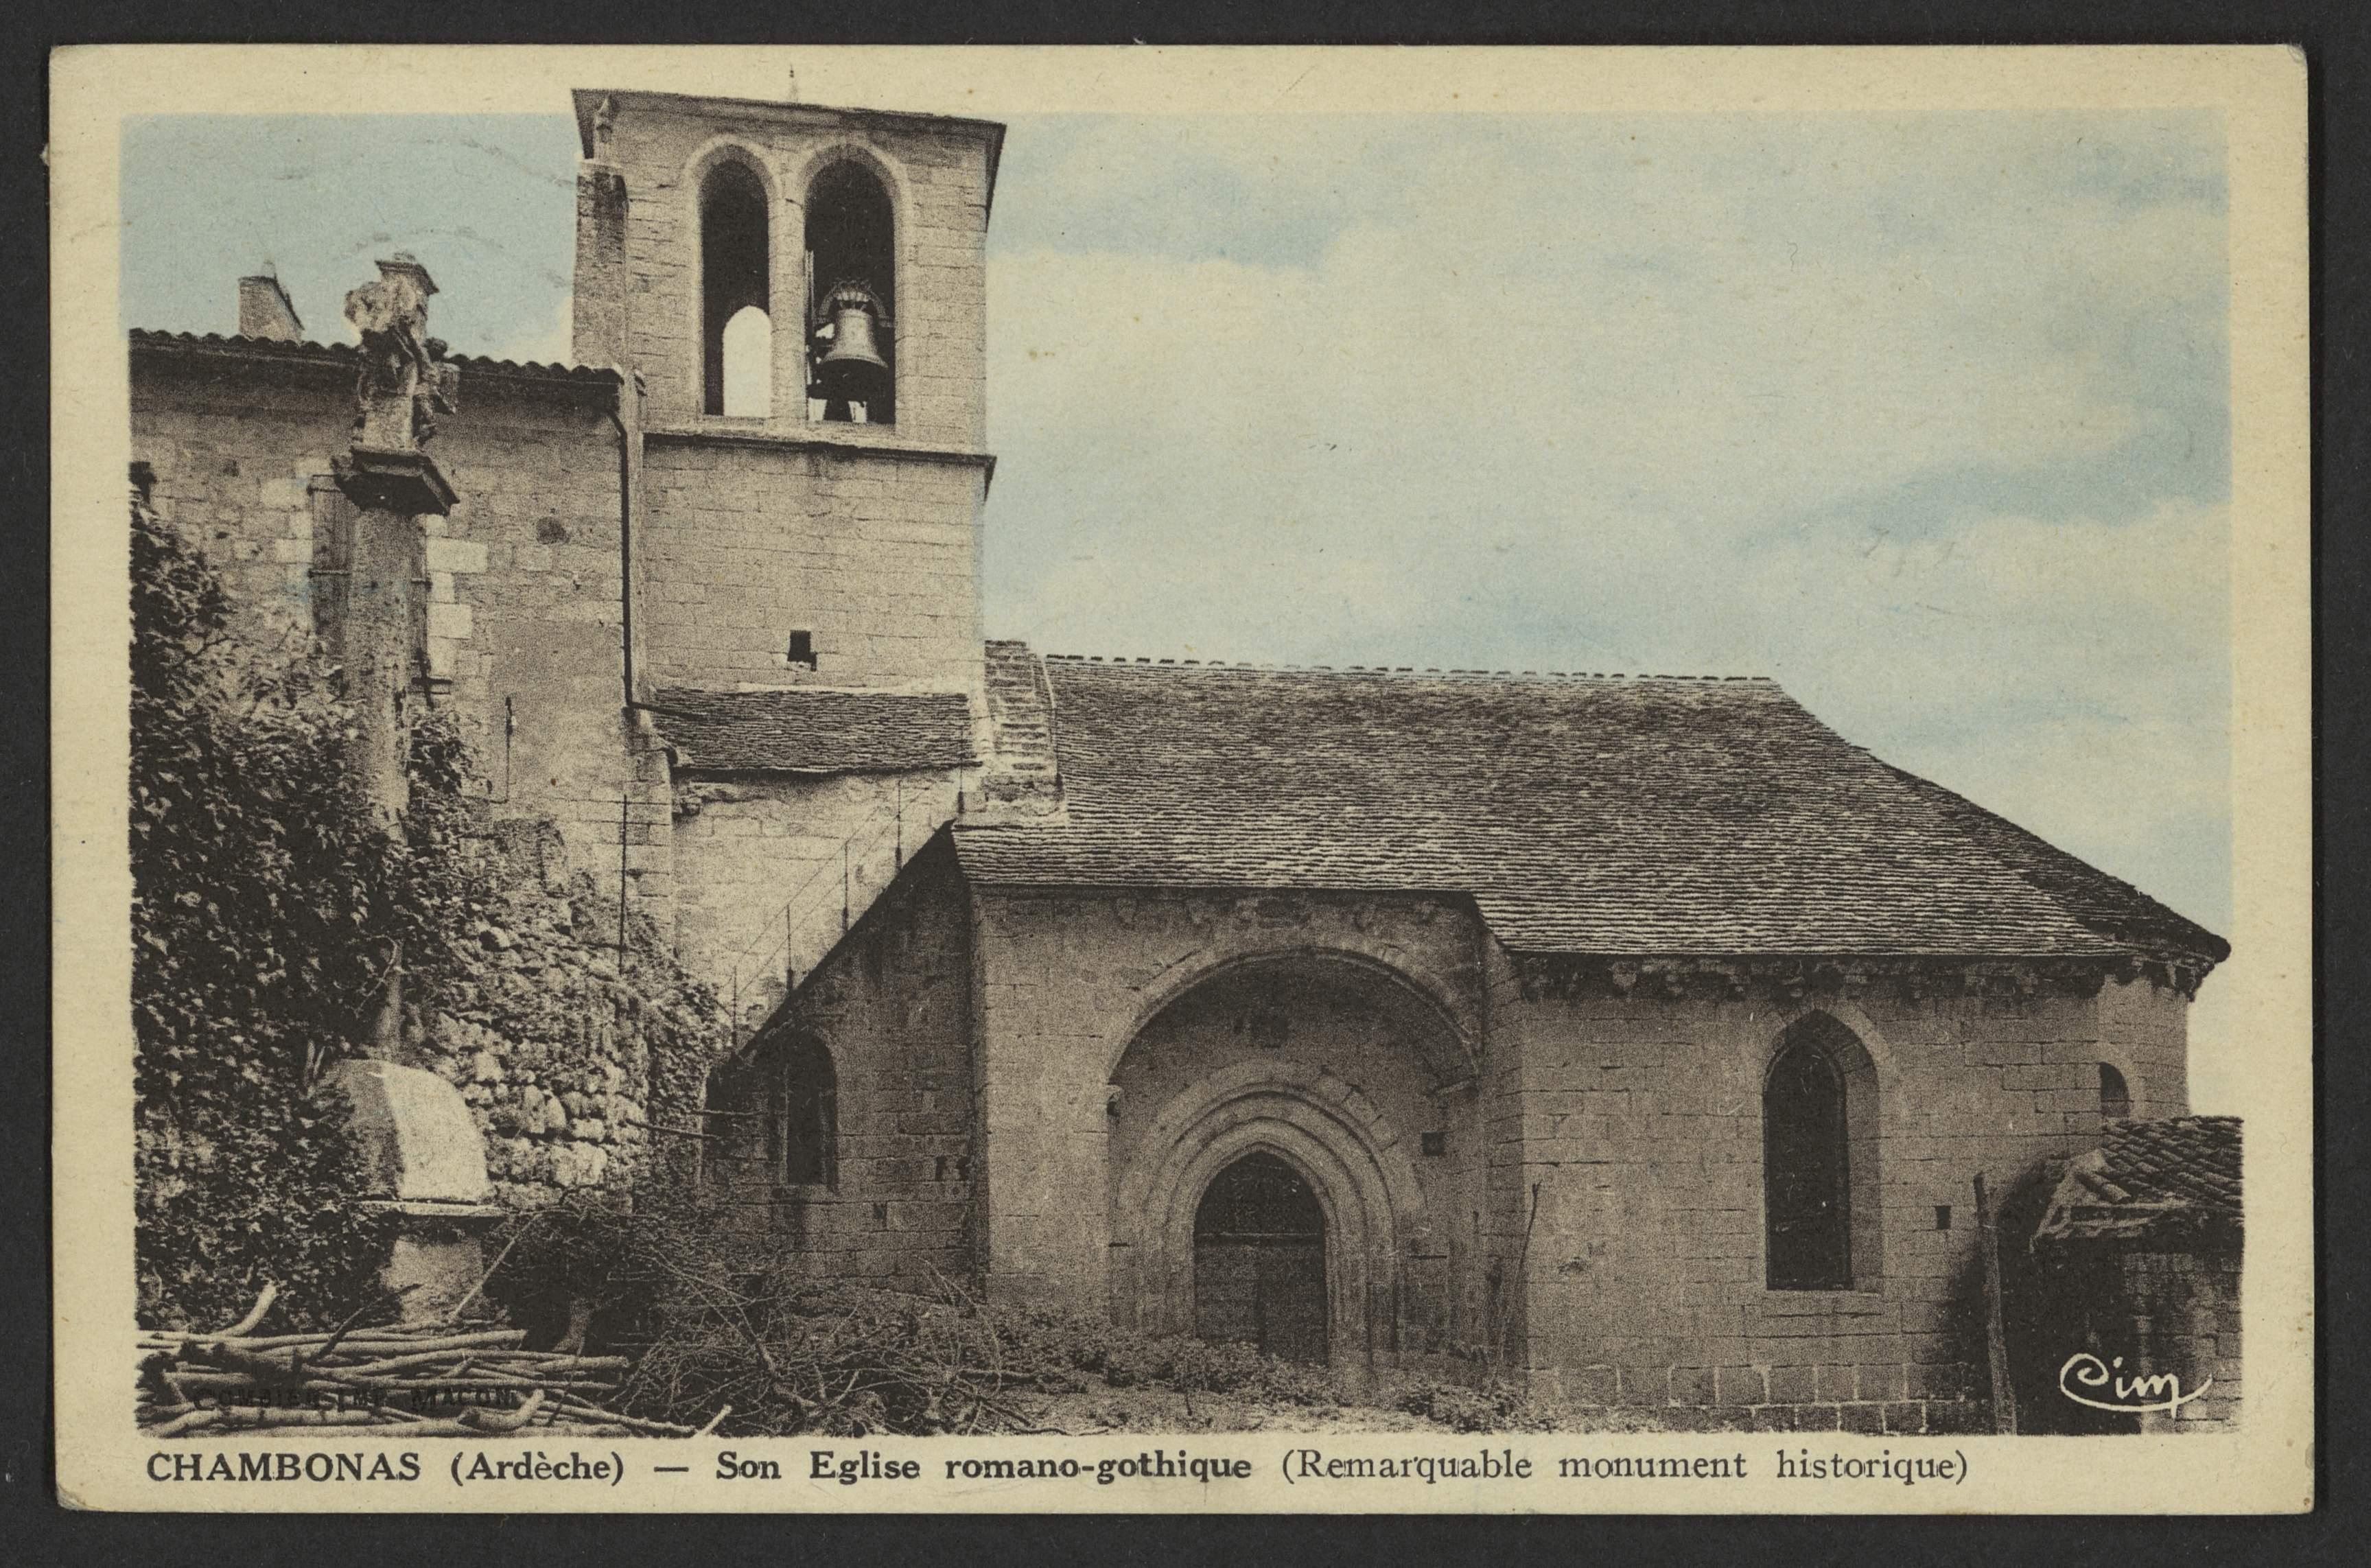 Chambonas (Ardèche) - Son Eglise romano-gothique (Remarquable monument historique)